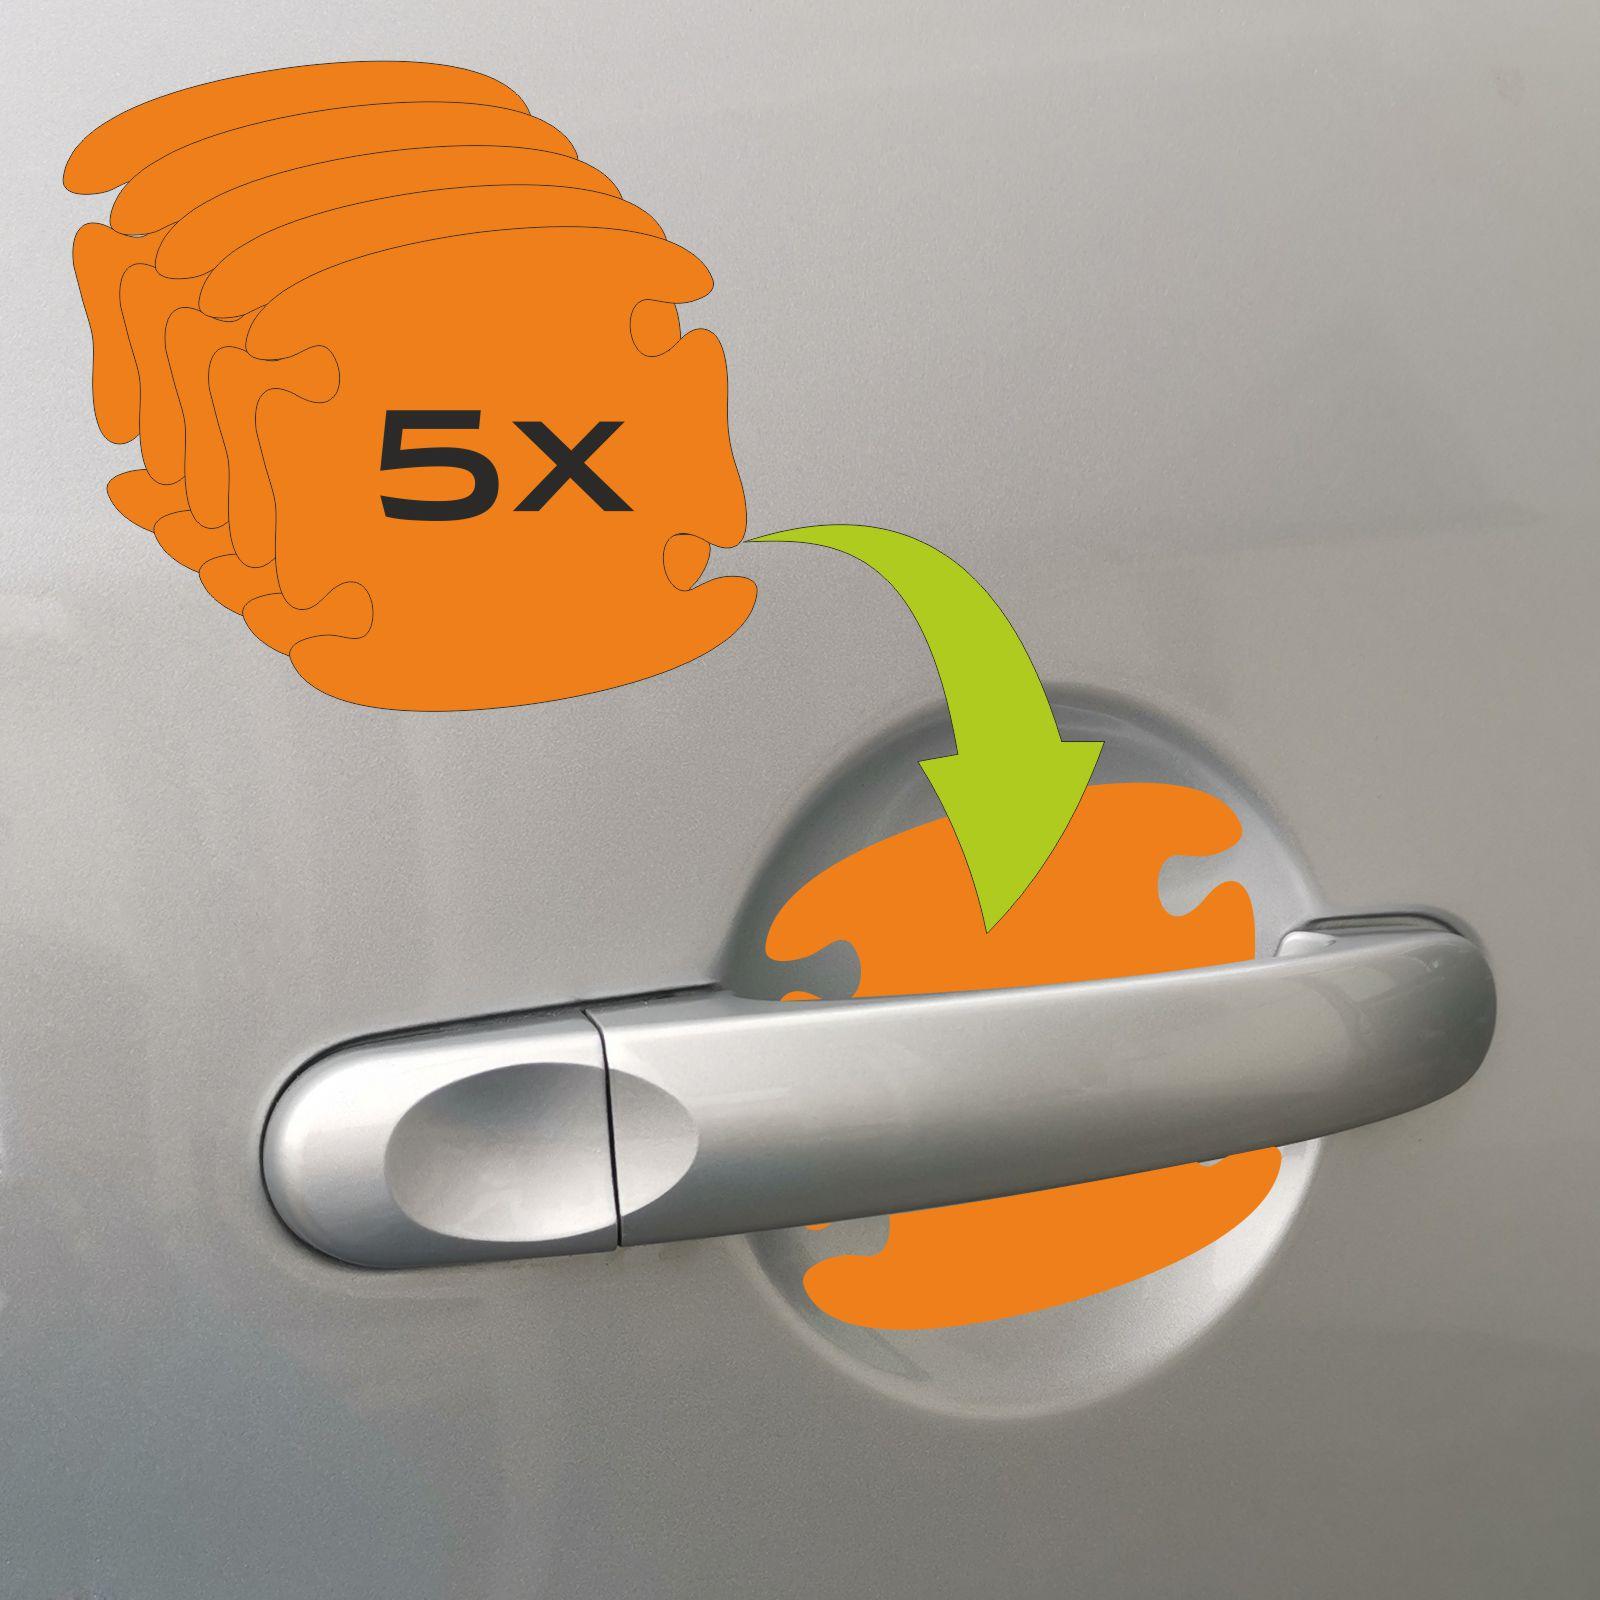 Transparente Schutzfolie für Griffmulden Auto Türgriff 84 x 84 cm